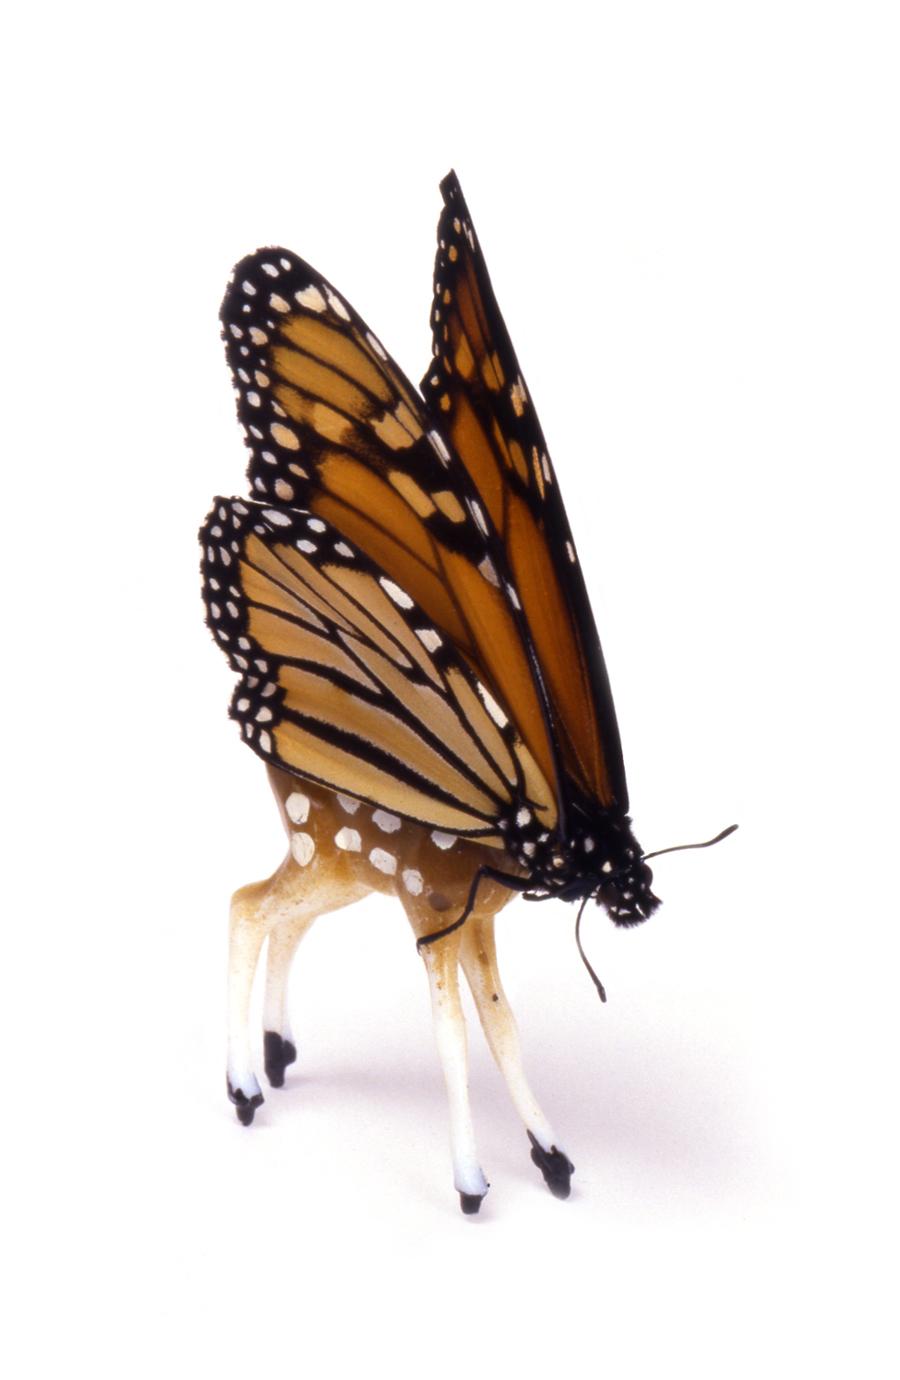 Deerfly